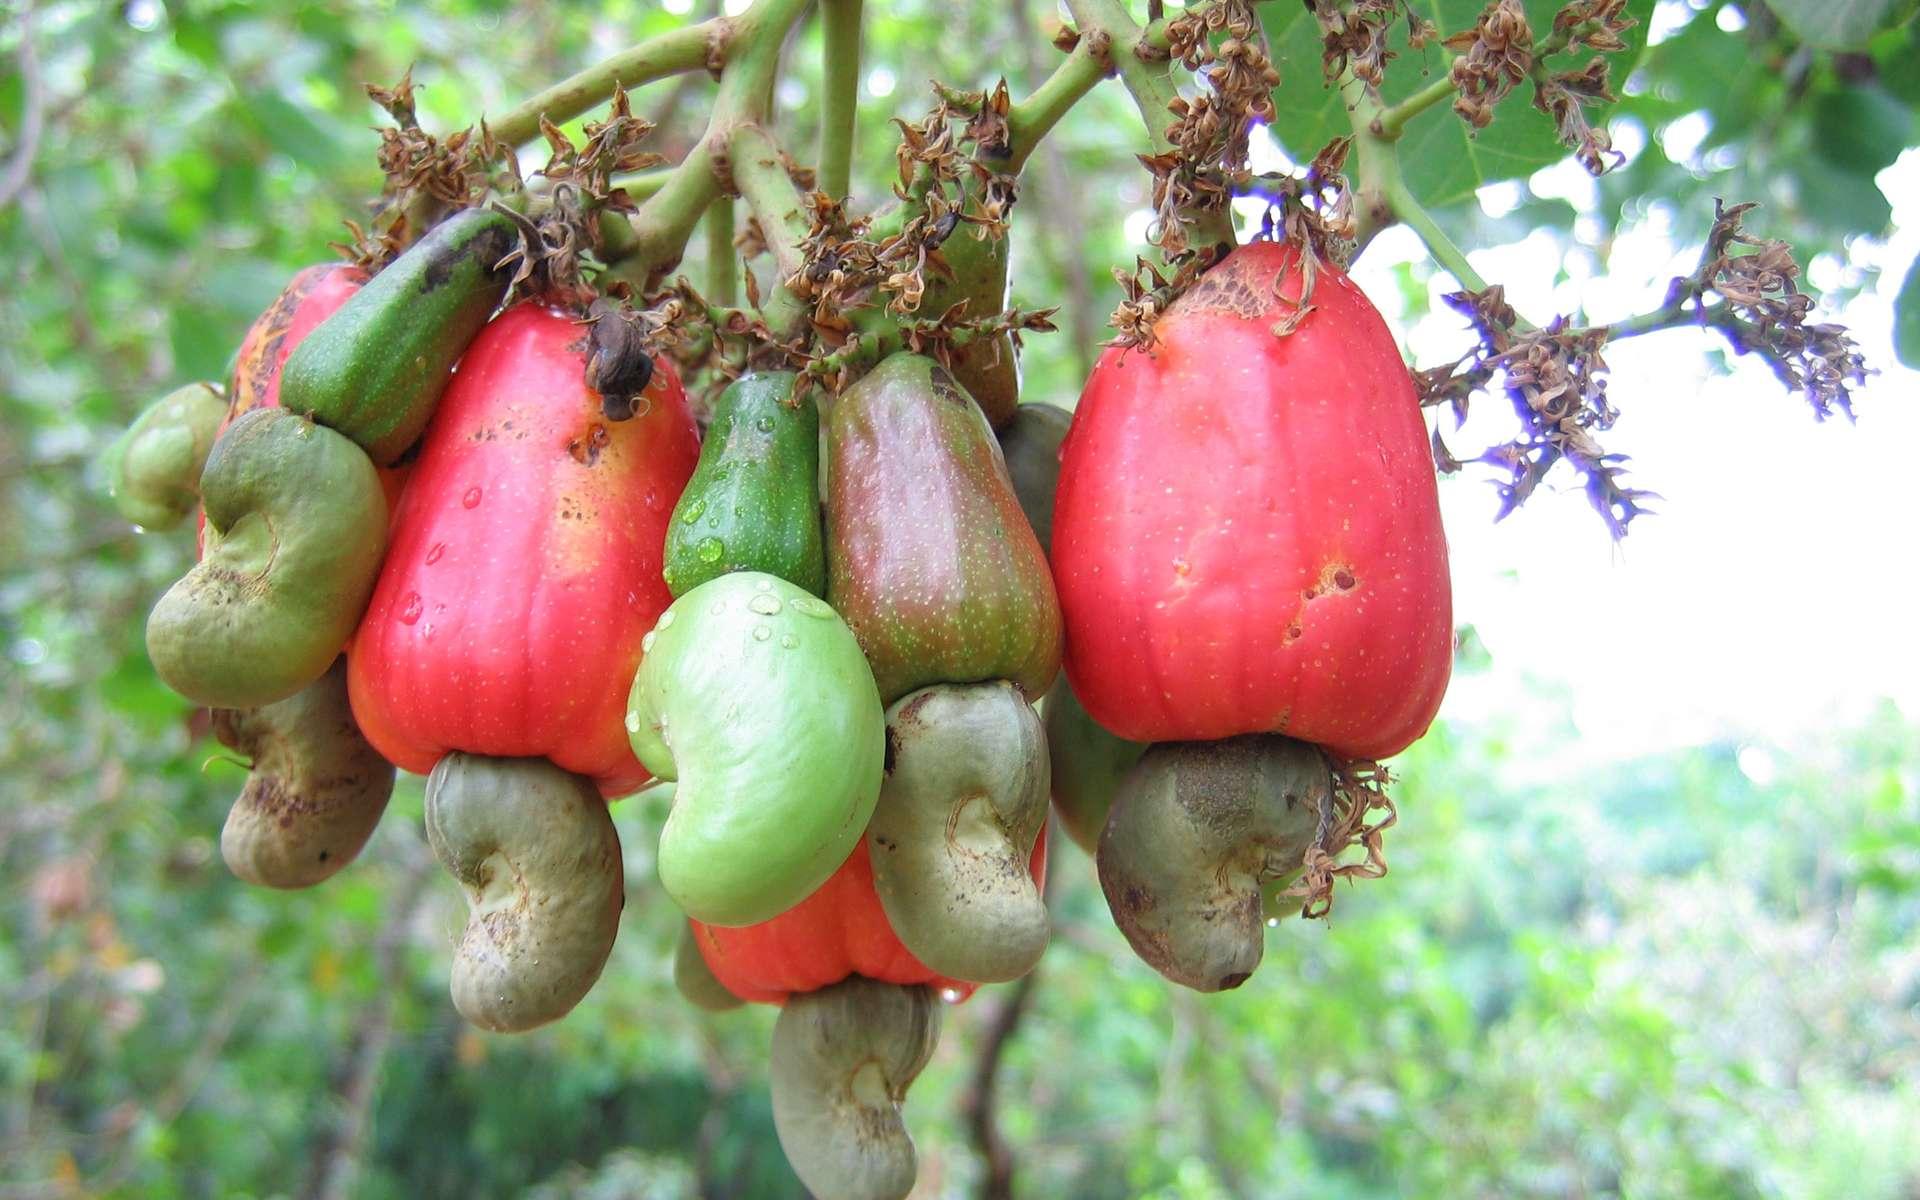 La noix de cajou se trouve au bout d'une tige charnue appelée pomme de cajou. © Vinayaraj, Wikipédia, CC by-sa 3.0